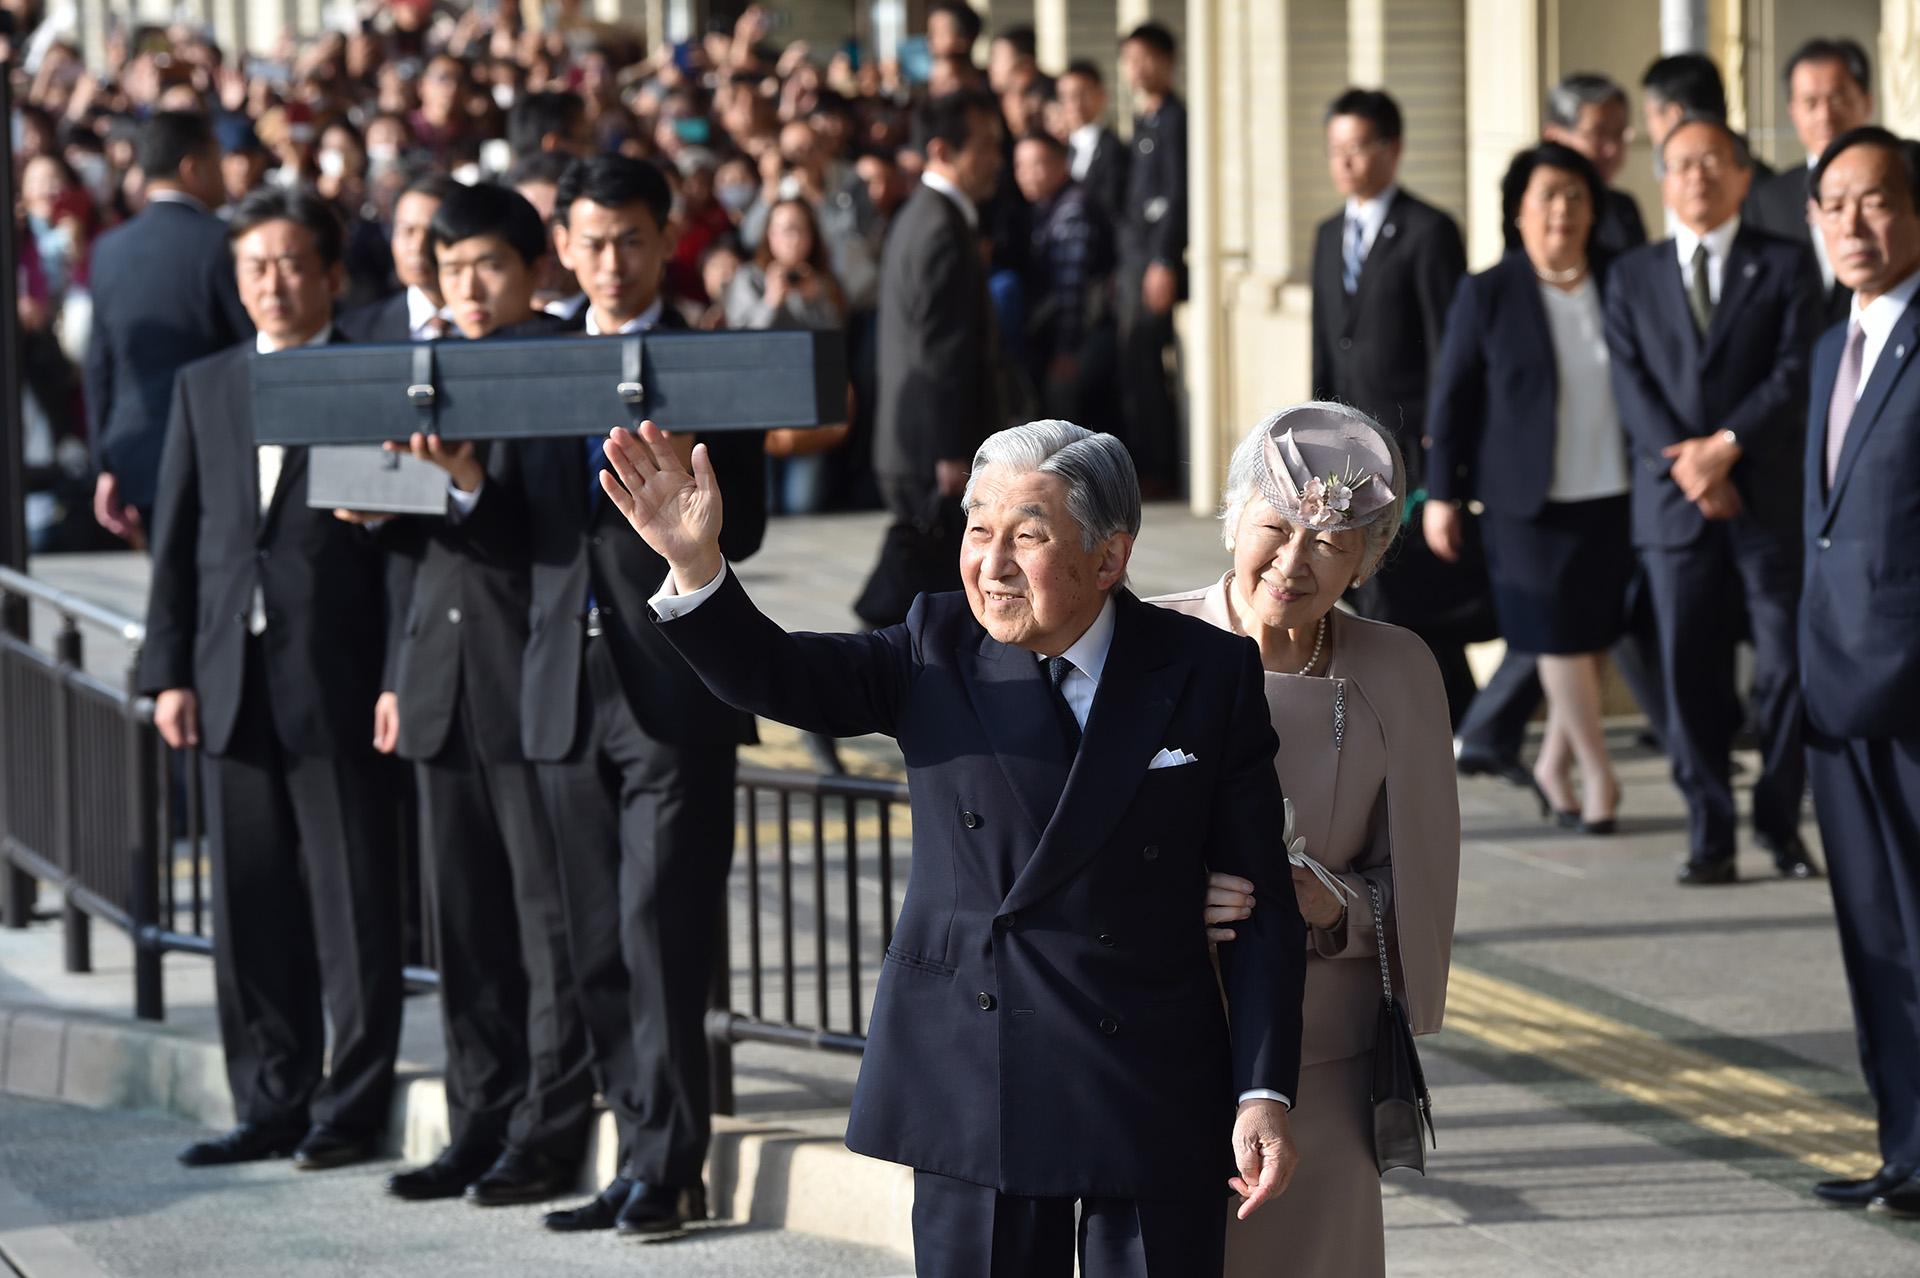 El emperador Akihito y su mujer, la emperatriz Michiko, saludan a su llegada a Ujiyamada Station